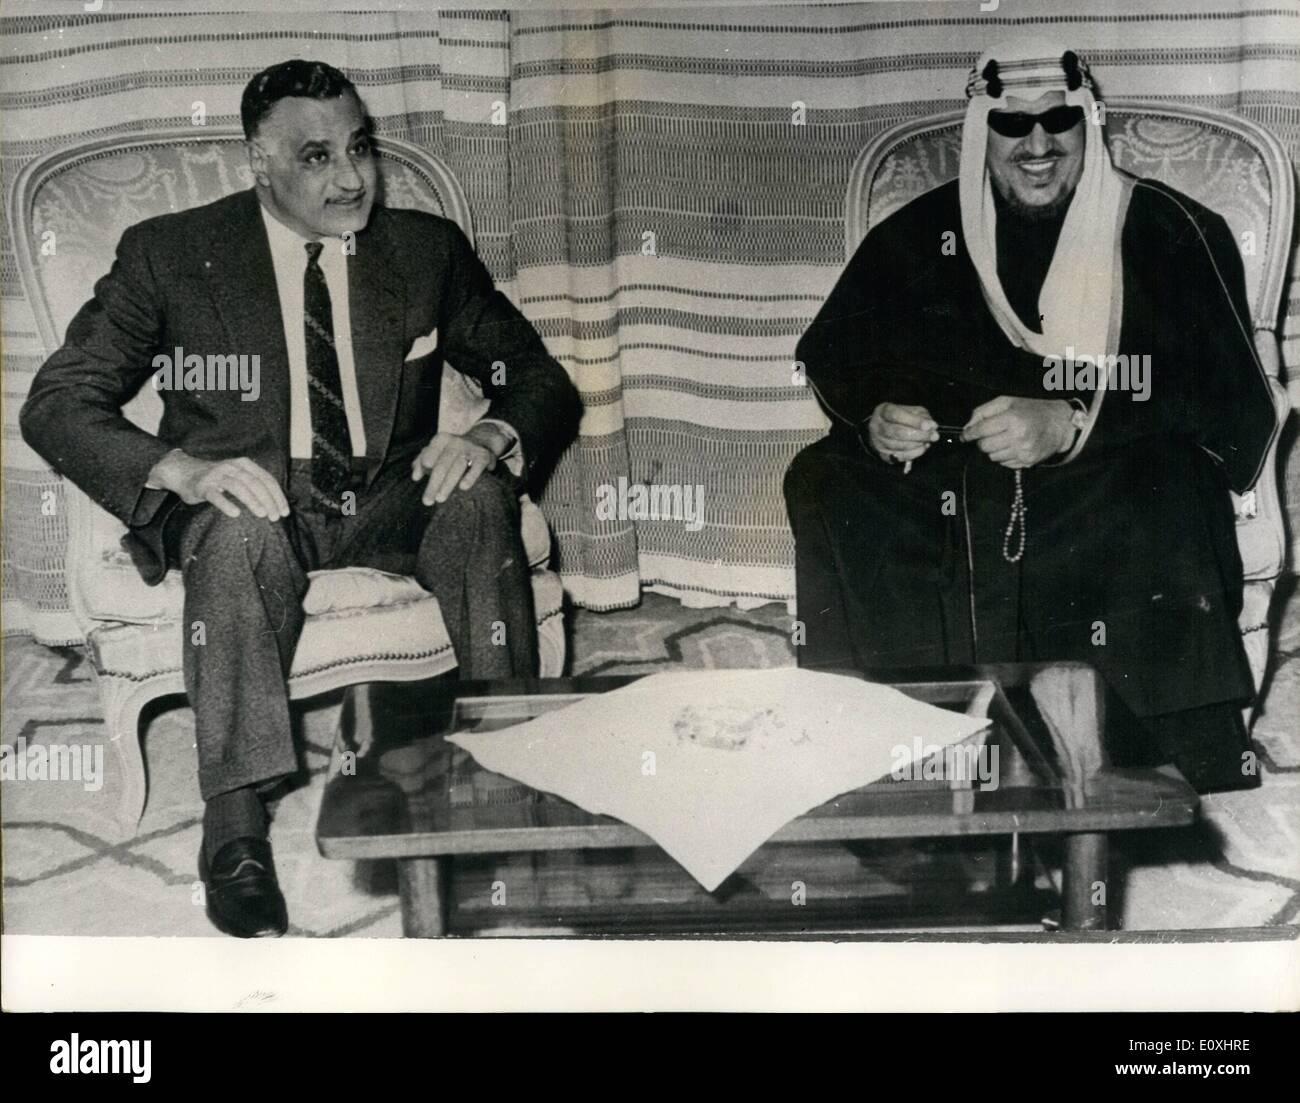 Jan. 01, 1967 - Nasser Visits Ex-King Saud: President Gamal Abdel Nasser, recently returned the visit of former - Stock Image